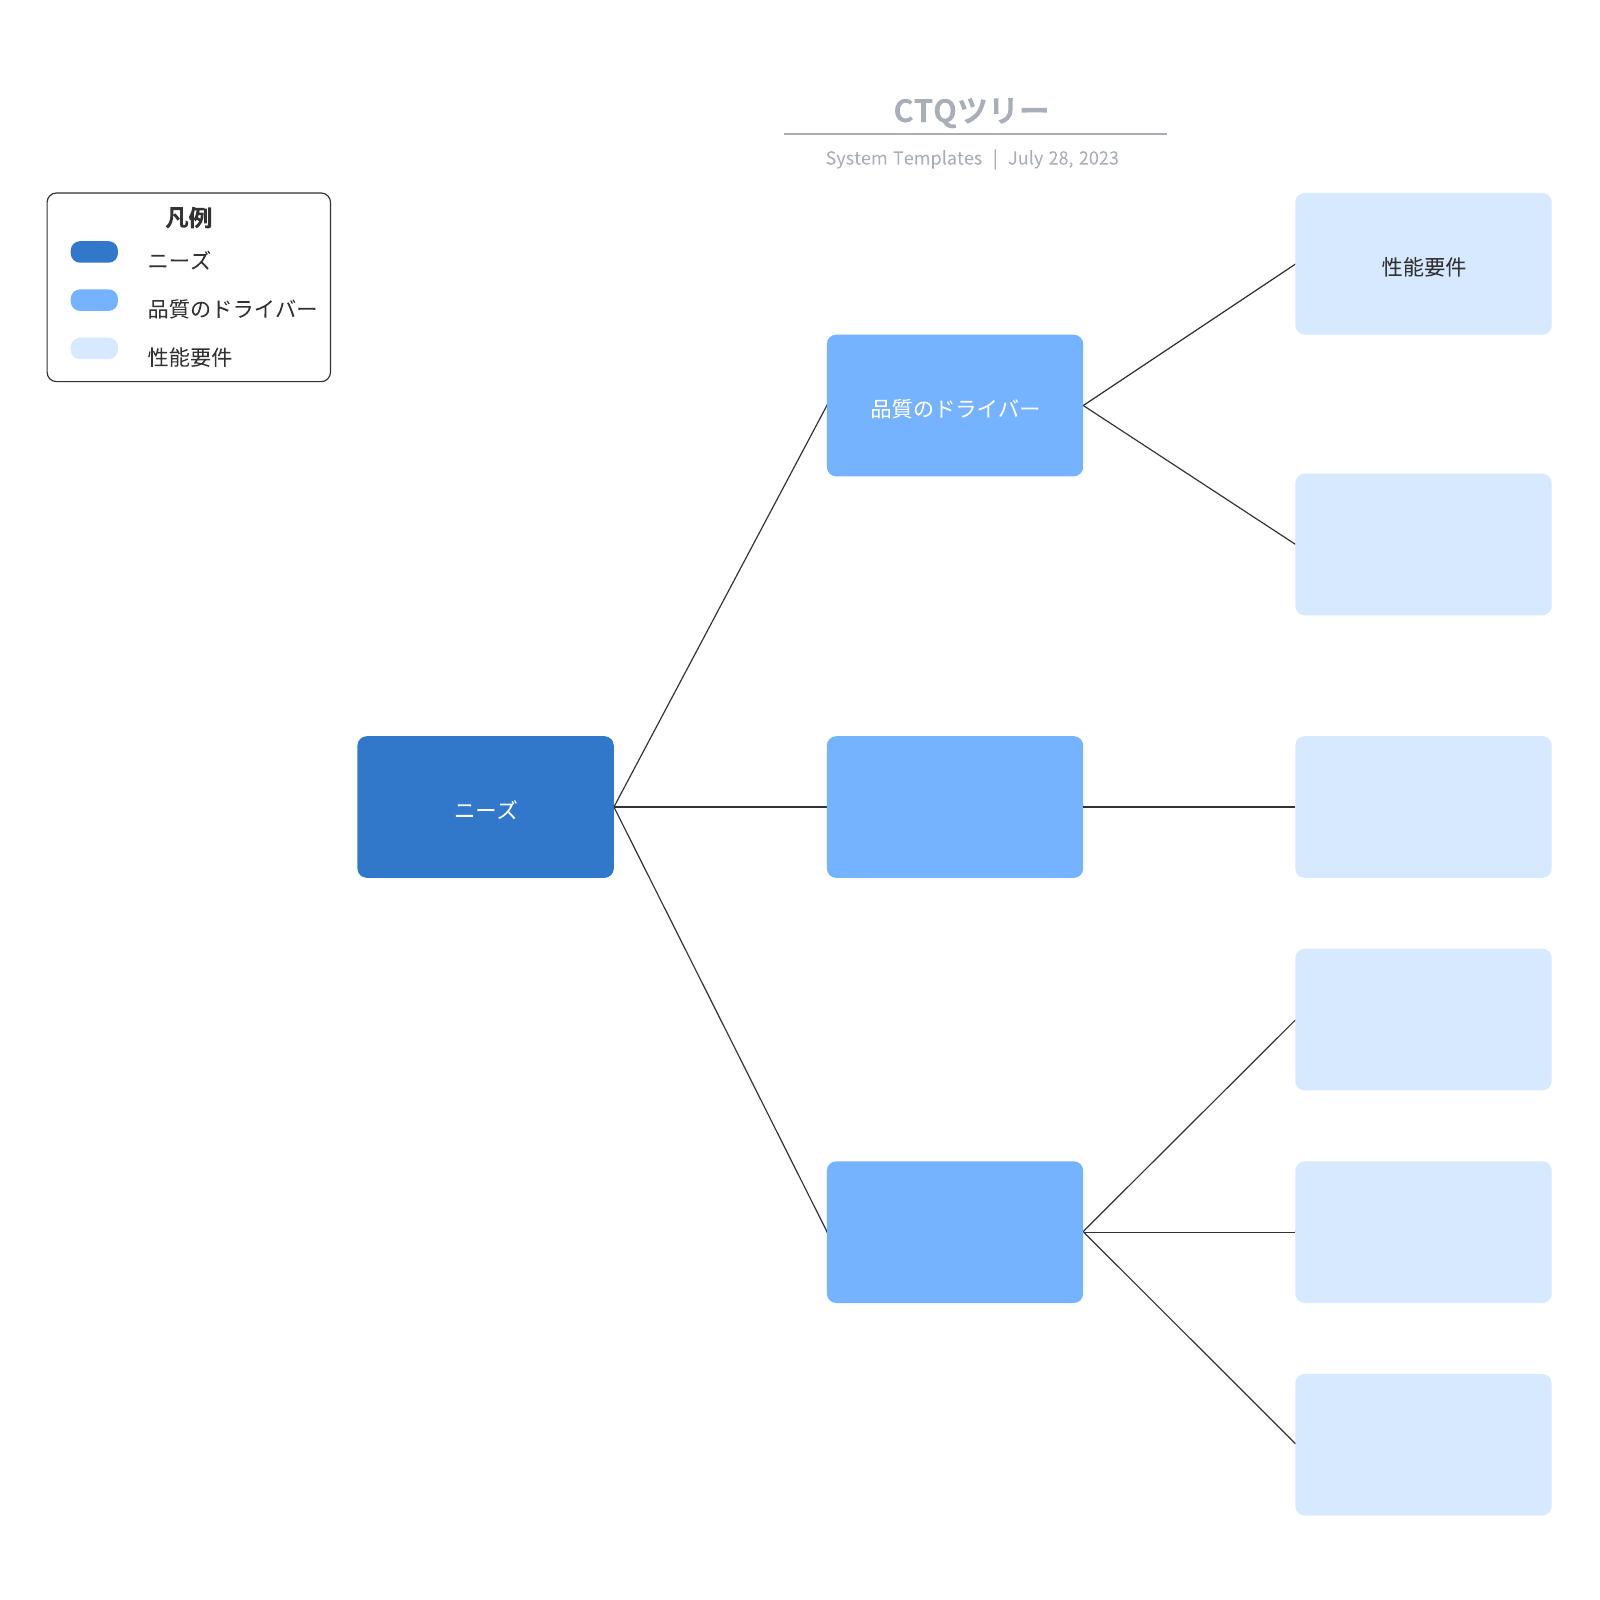 CTQツリー図の事例